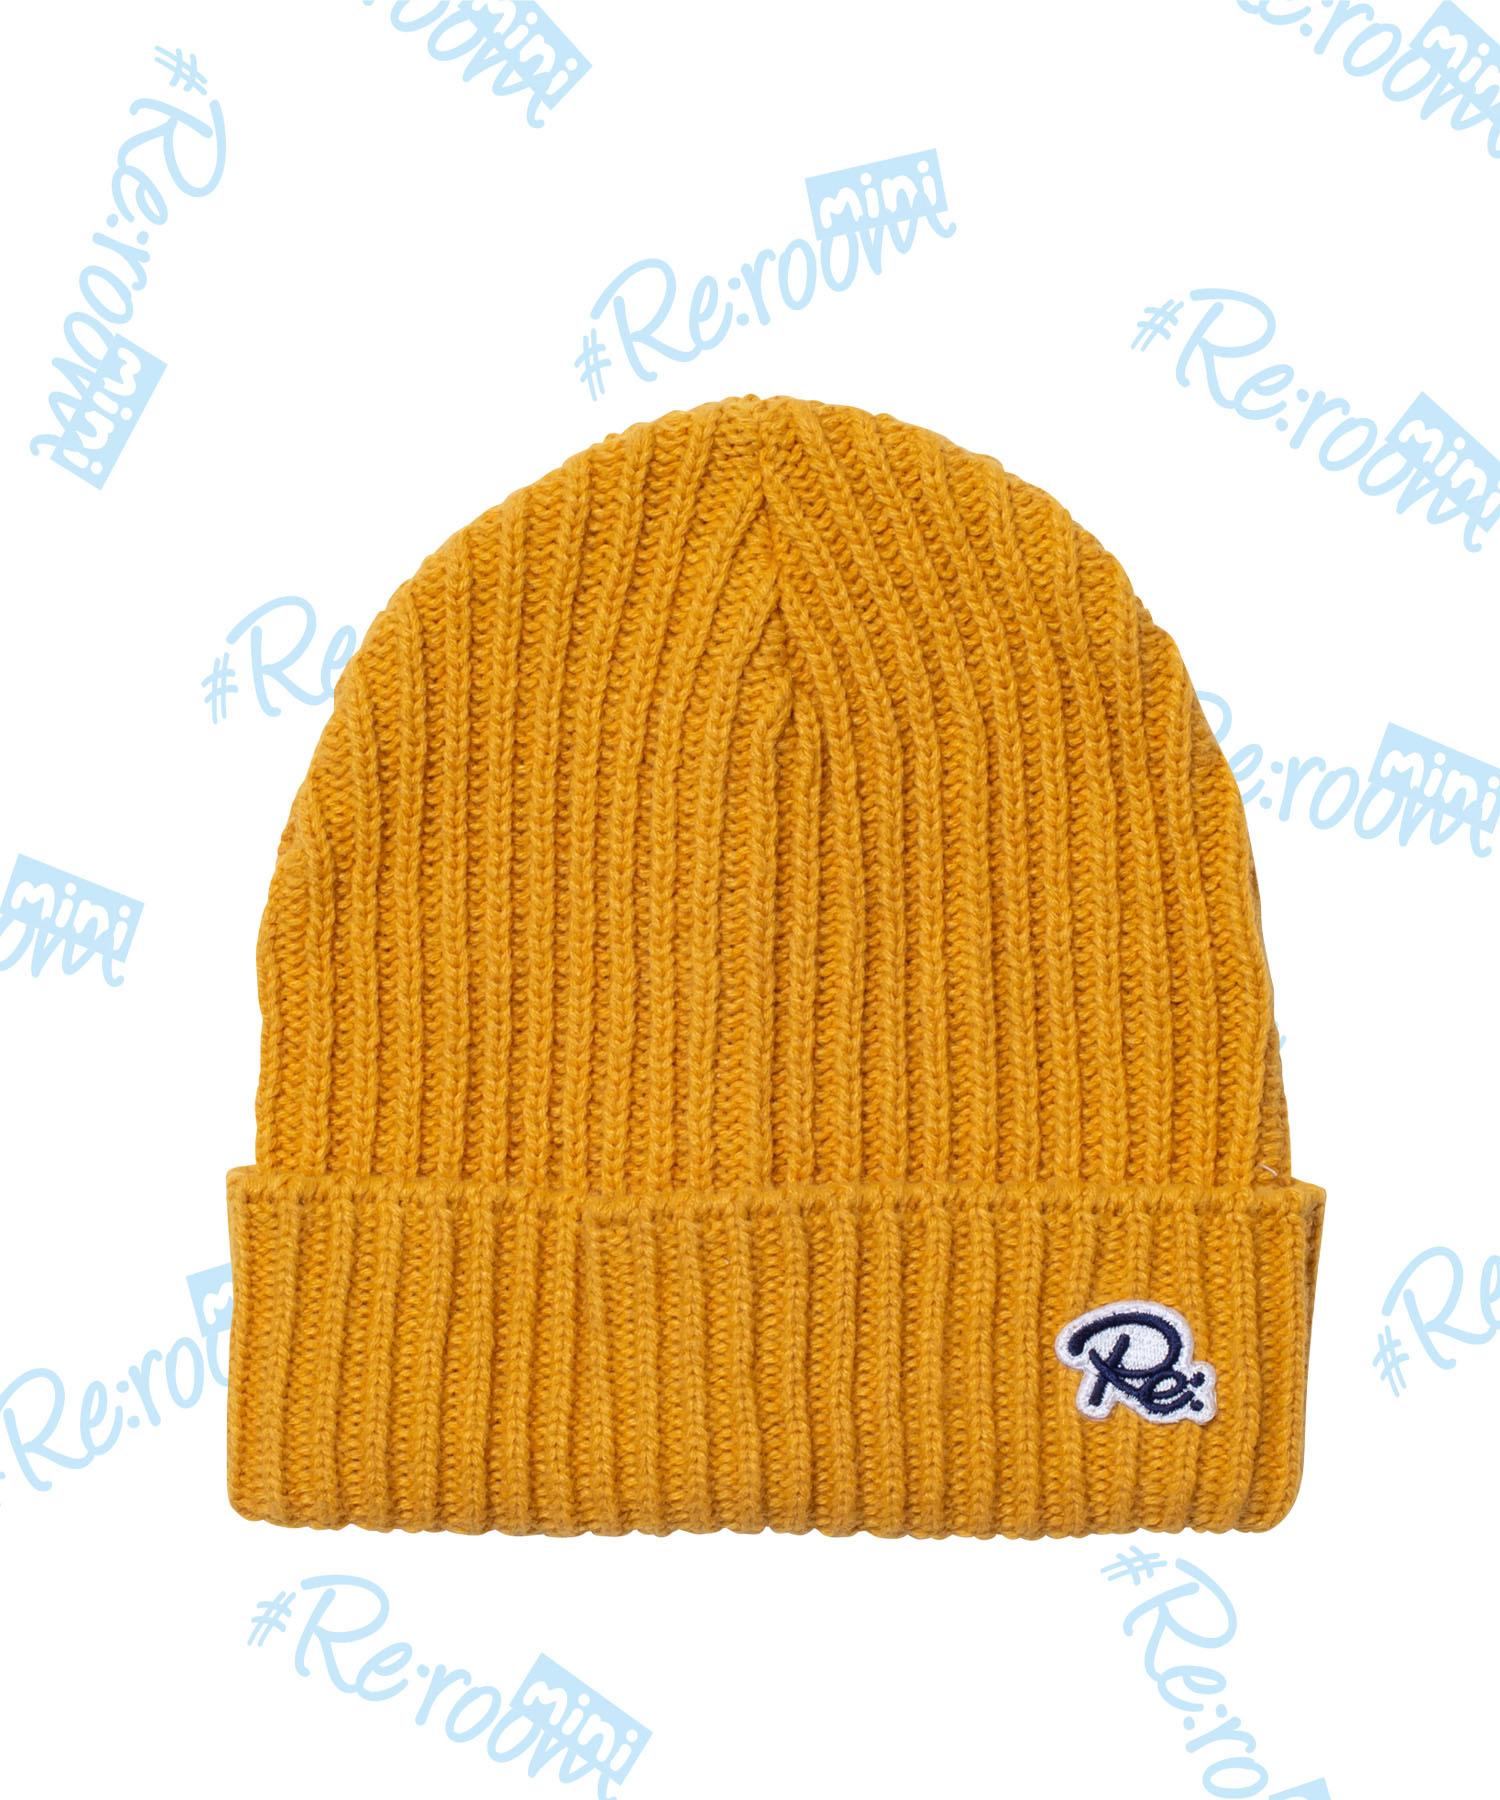 Re PATCH KNIT CAP[RKH001]